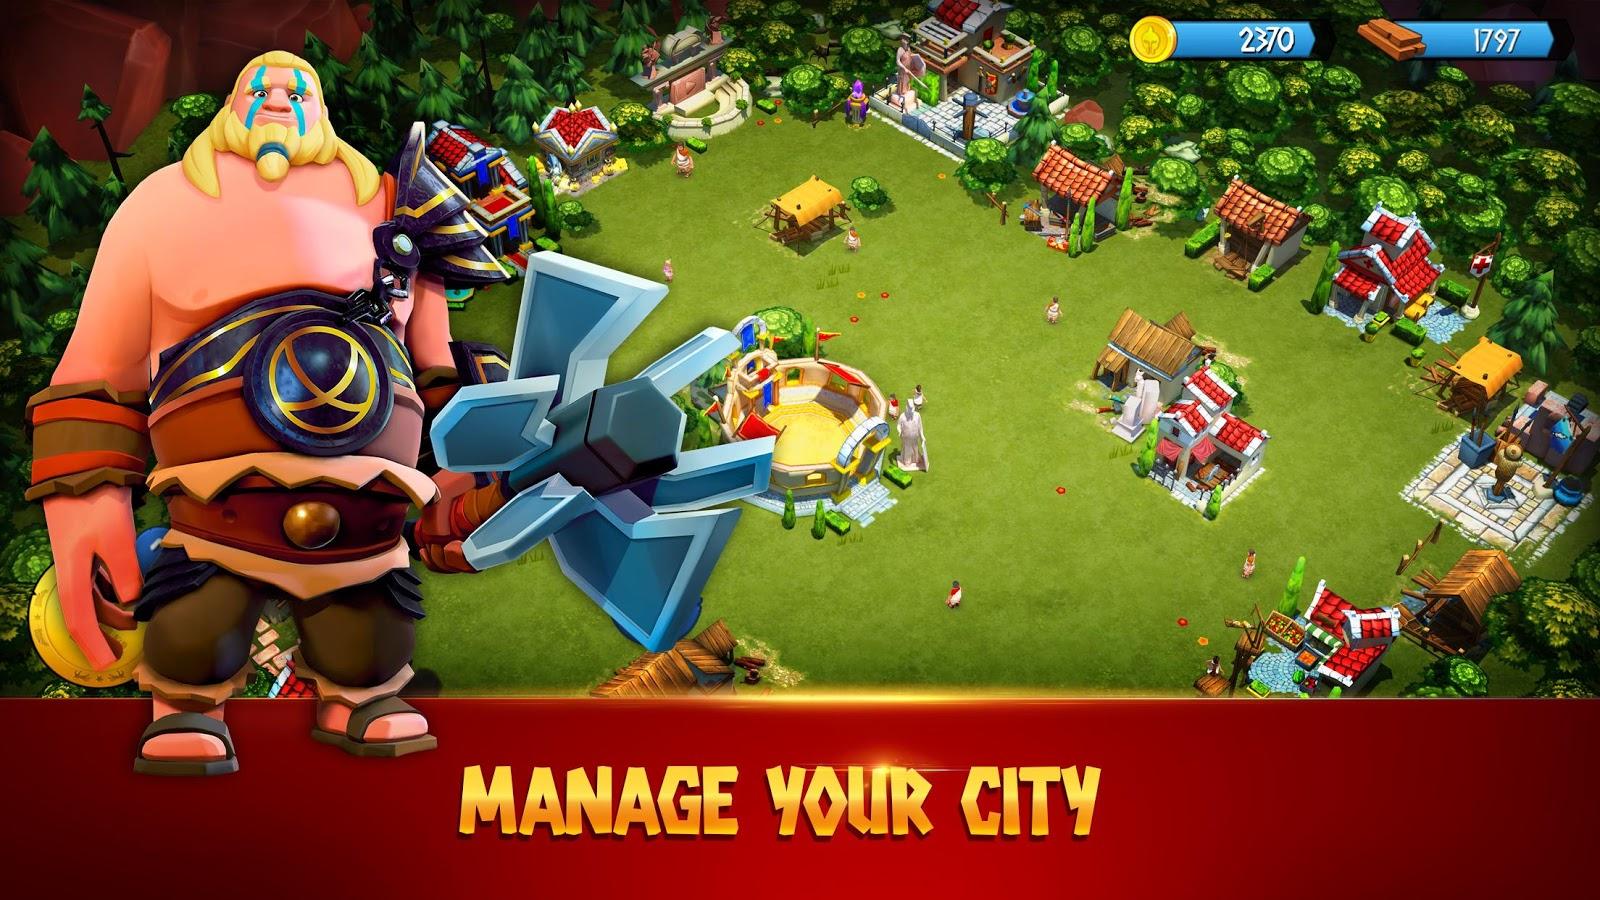 دانلود بازی گلادیاتور های قهرمان : جنگ های قبیله ای Gladiator Heroes: Clan War Games